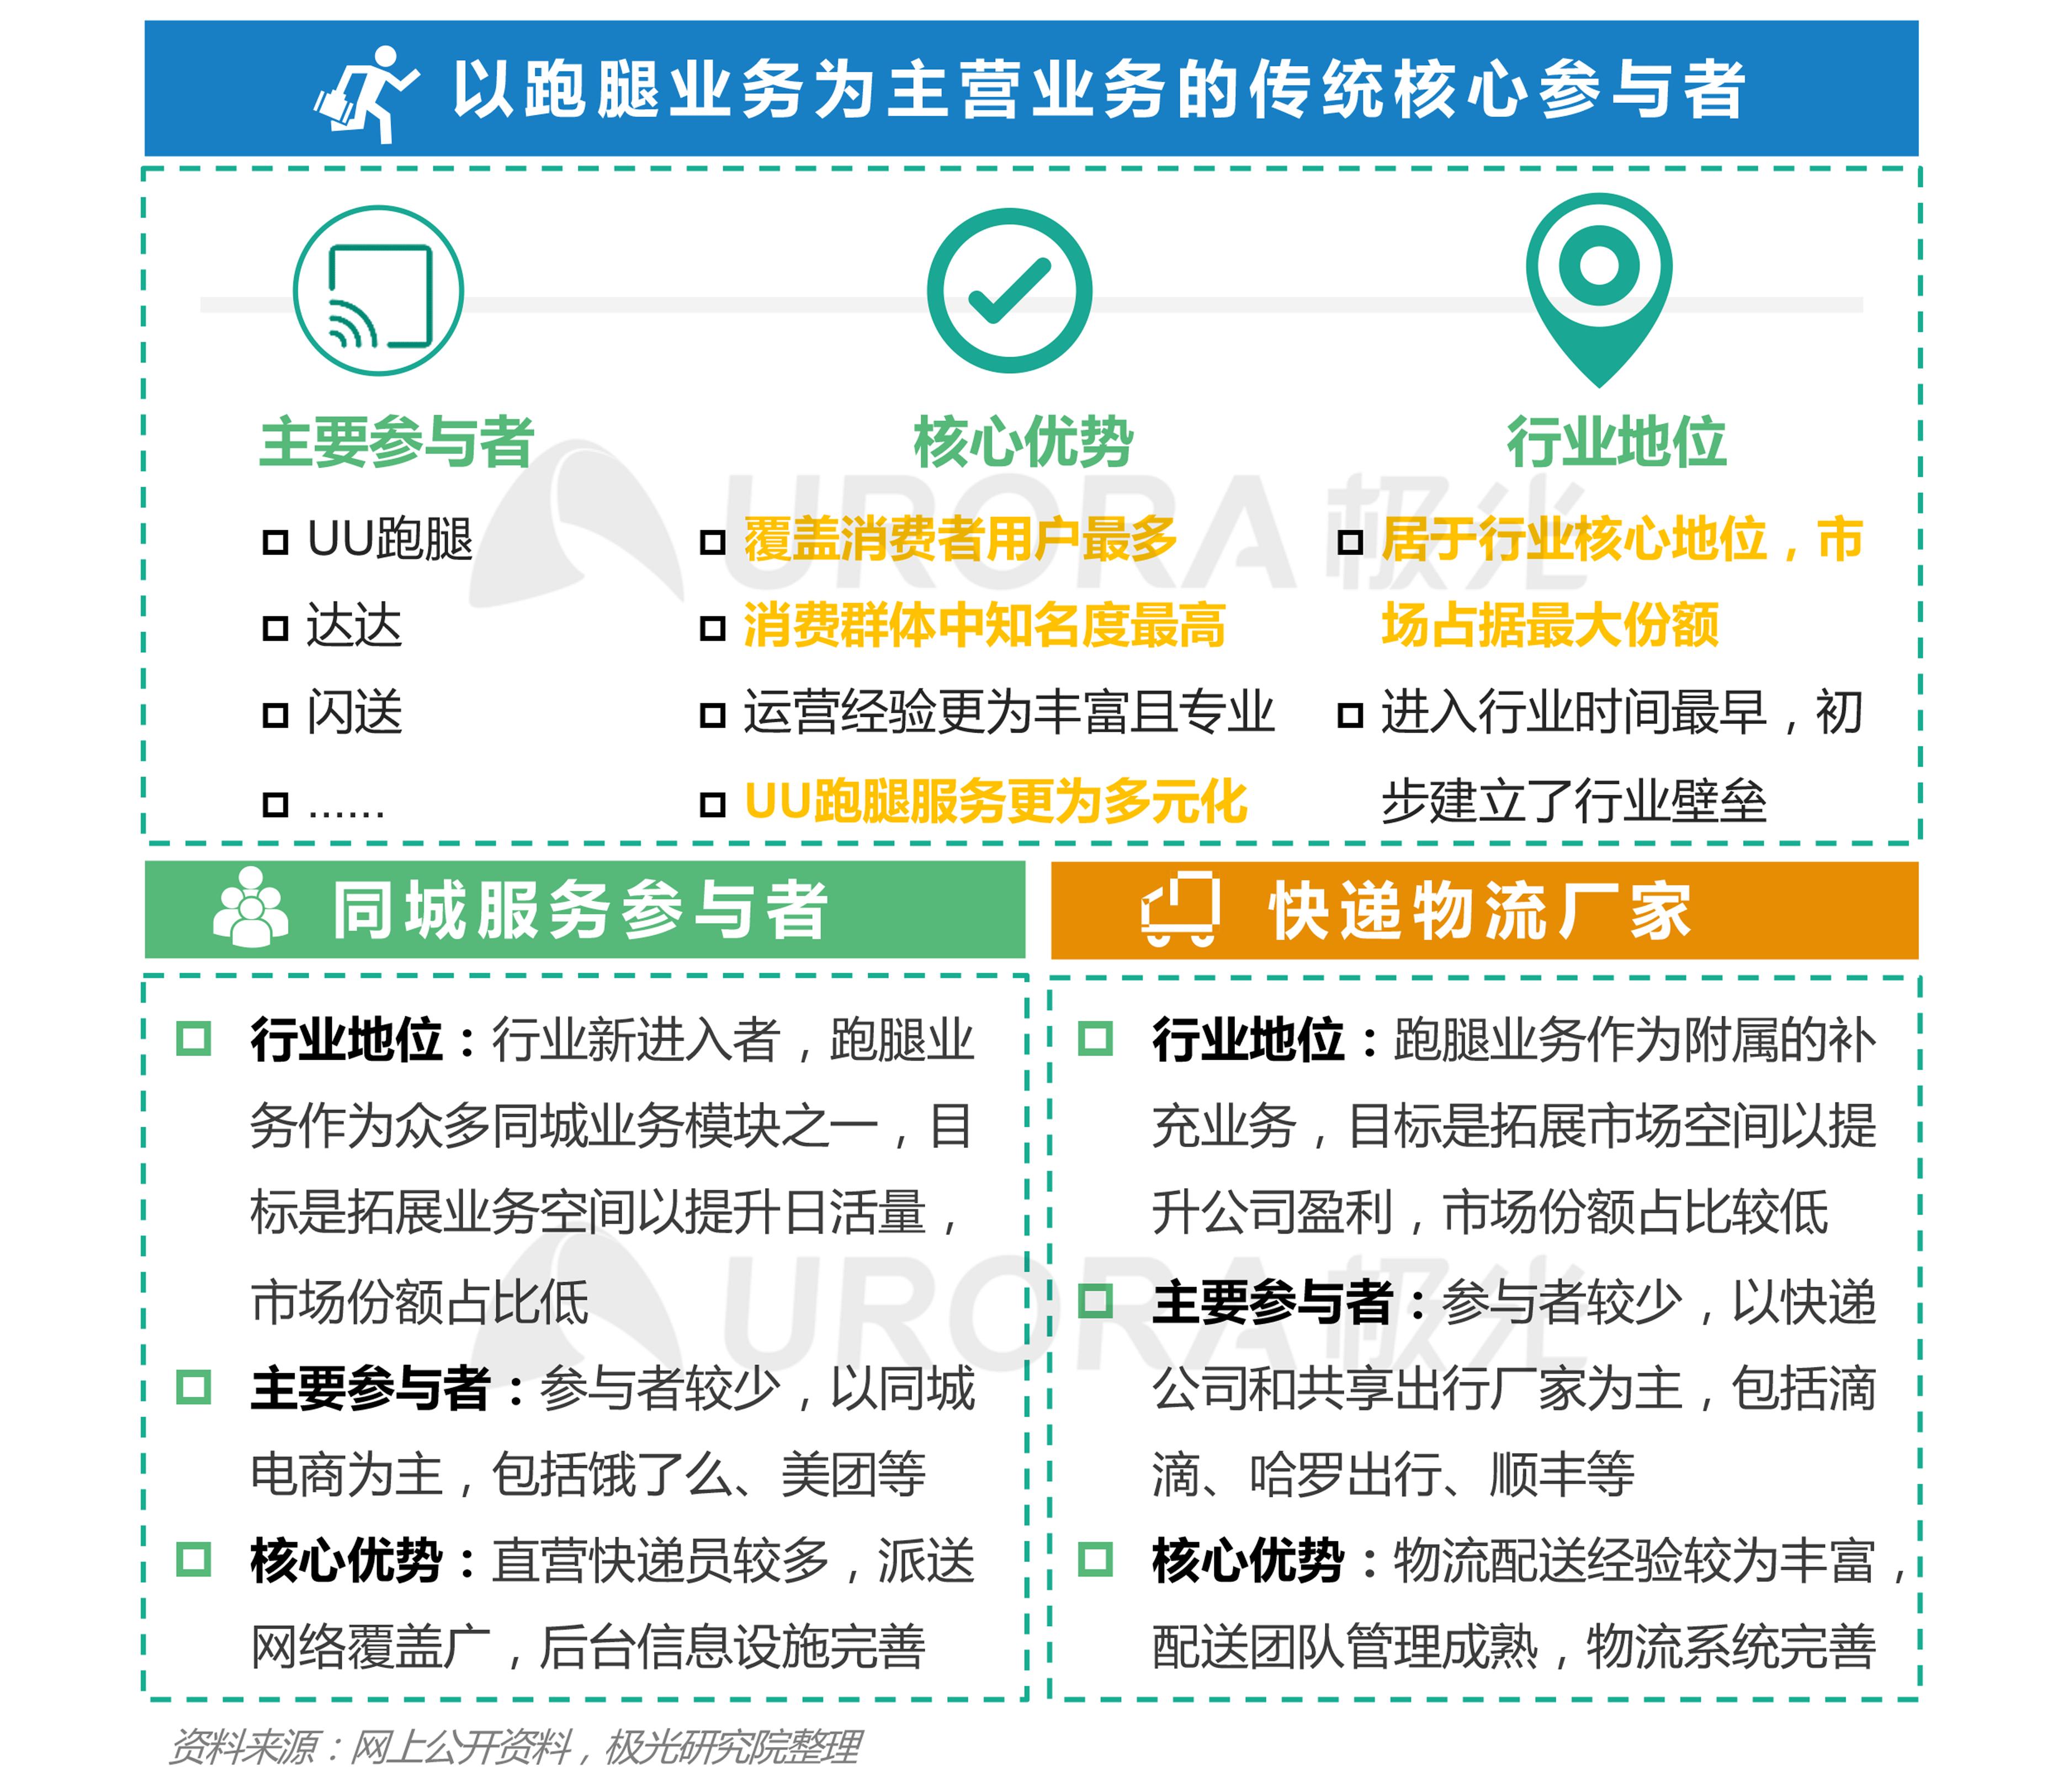 极光:2020年疫情后跑腿行业研究报告 (3).png